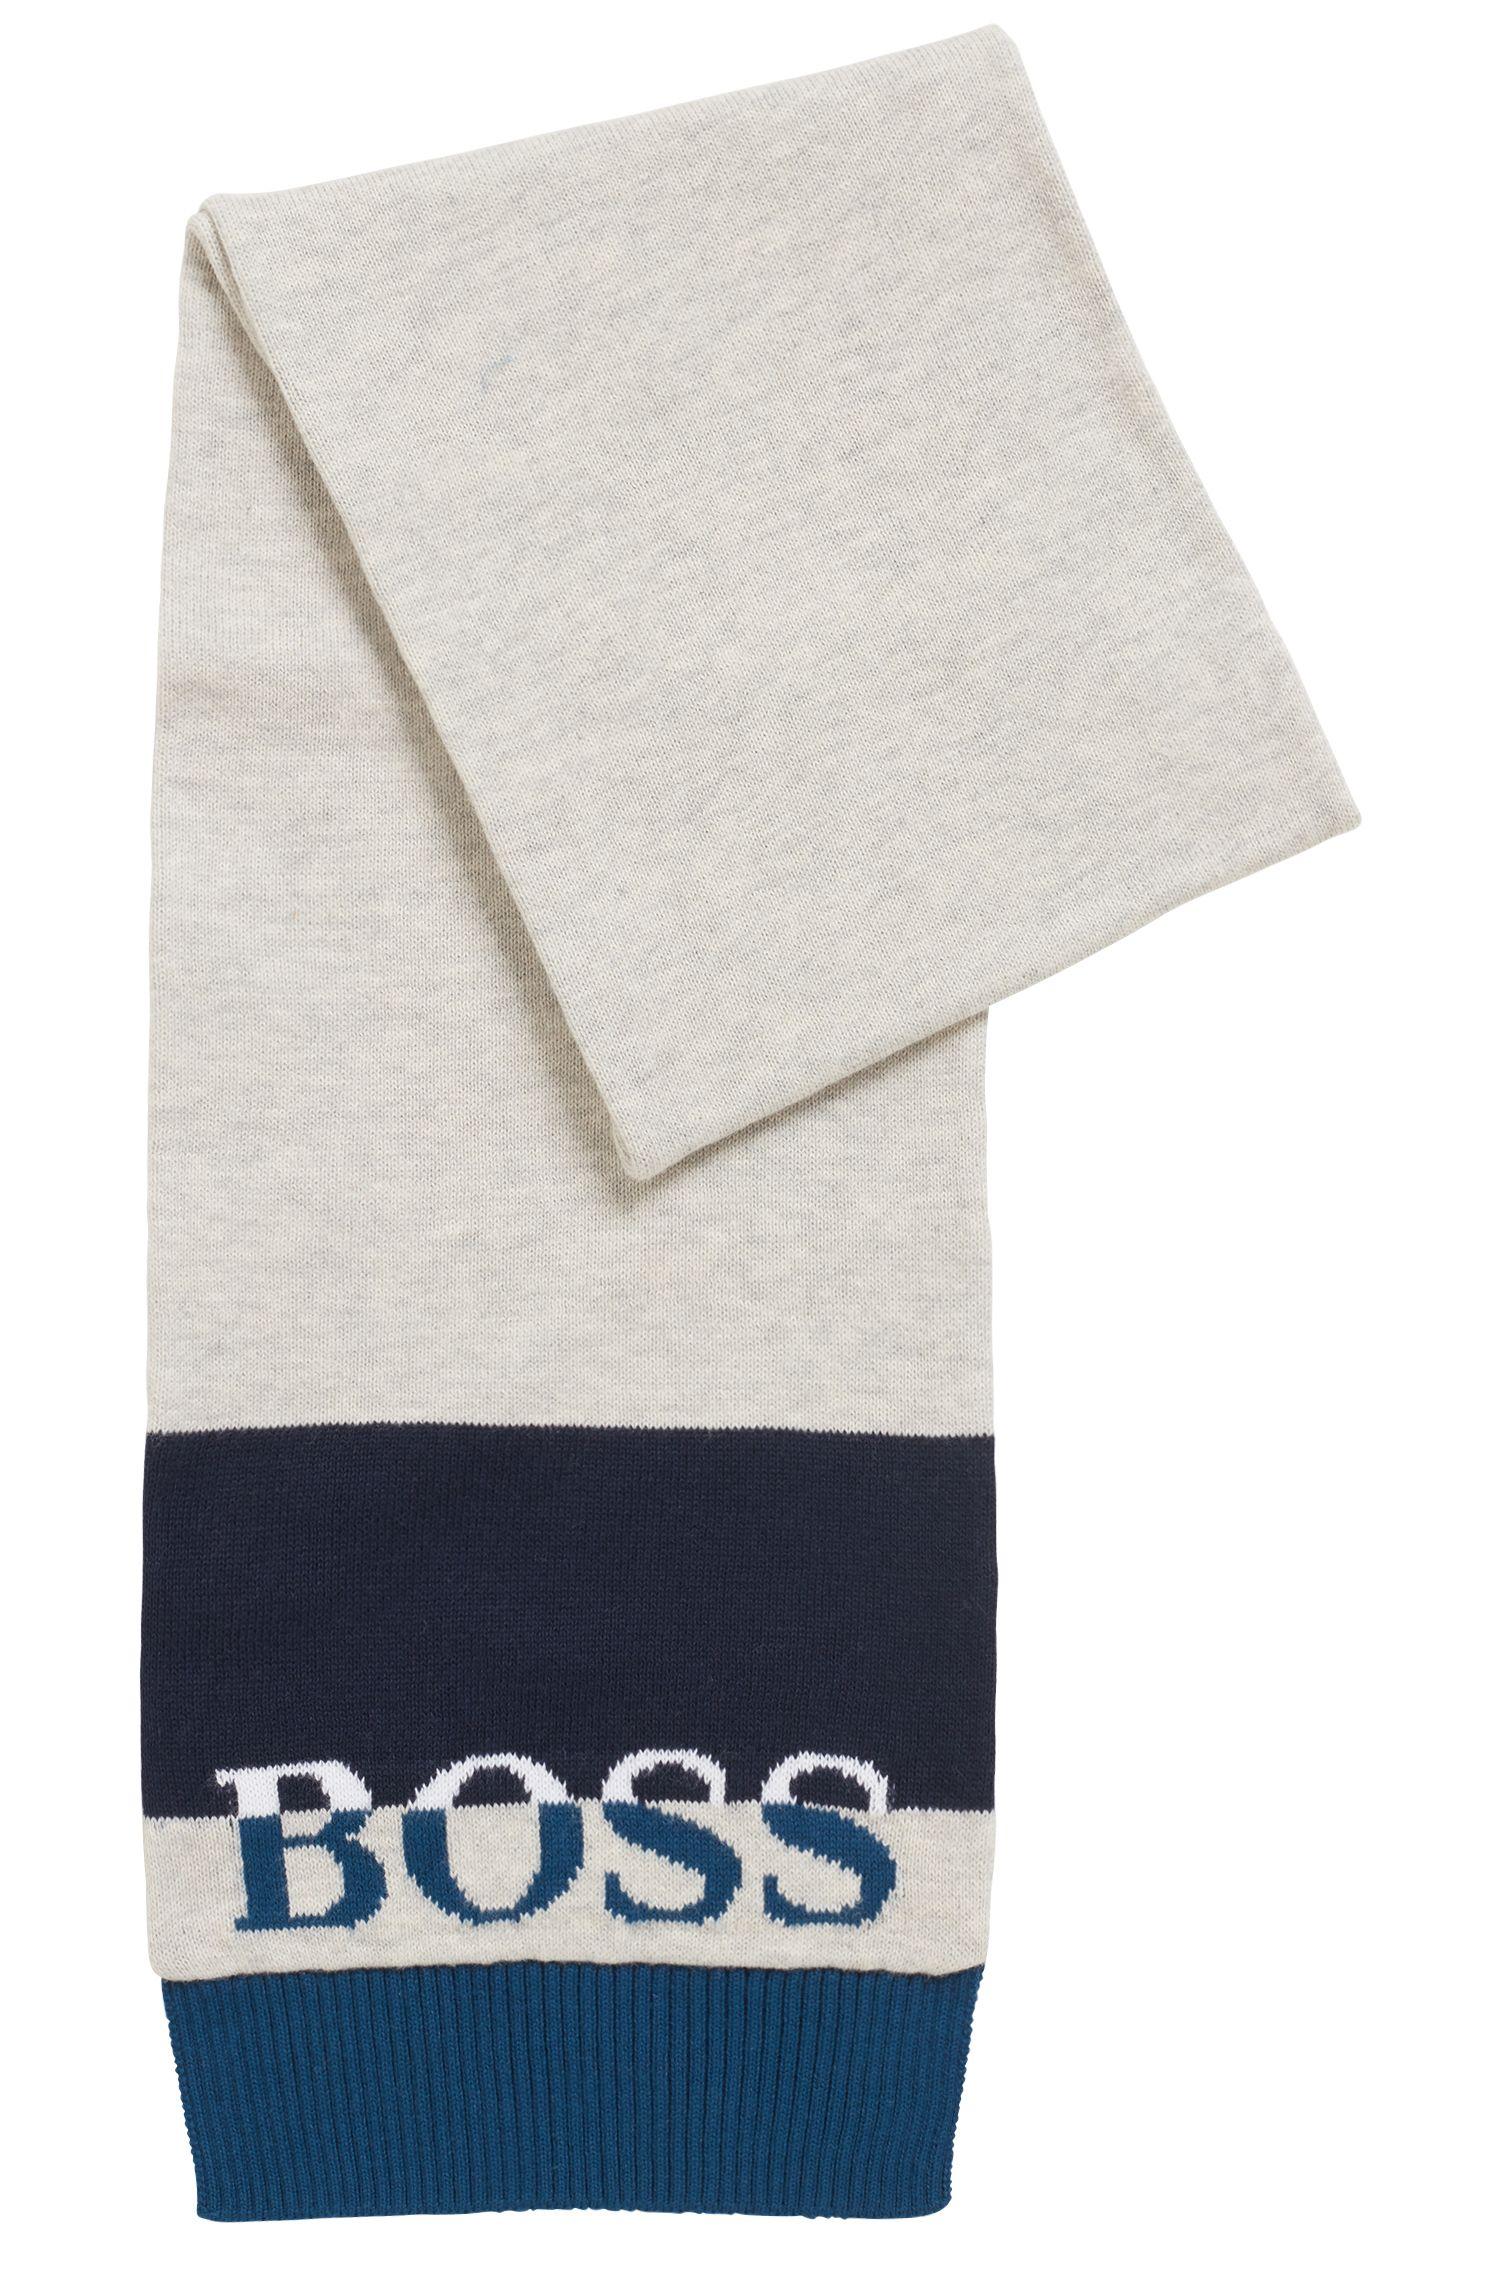 Écharpe pour enfant en maille jersey de coton peigné à logo jacquard, Bleu foncé